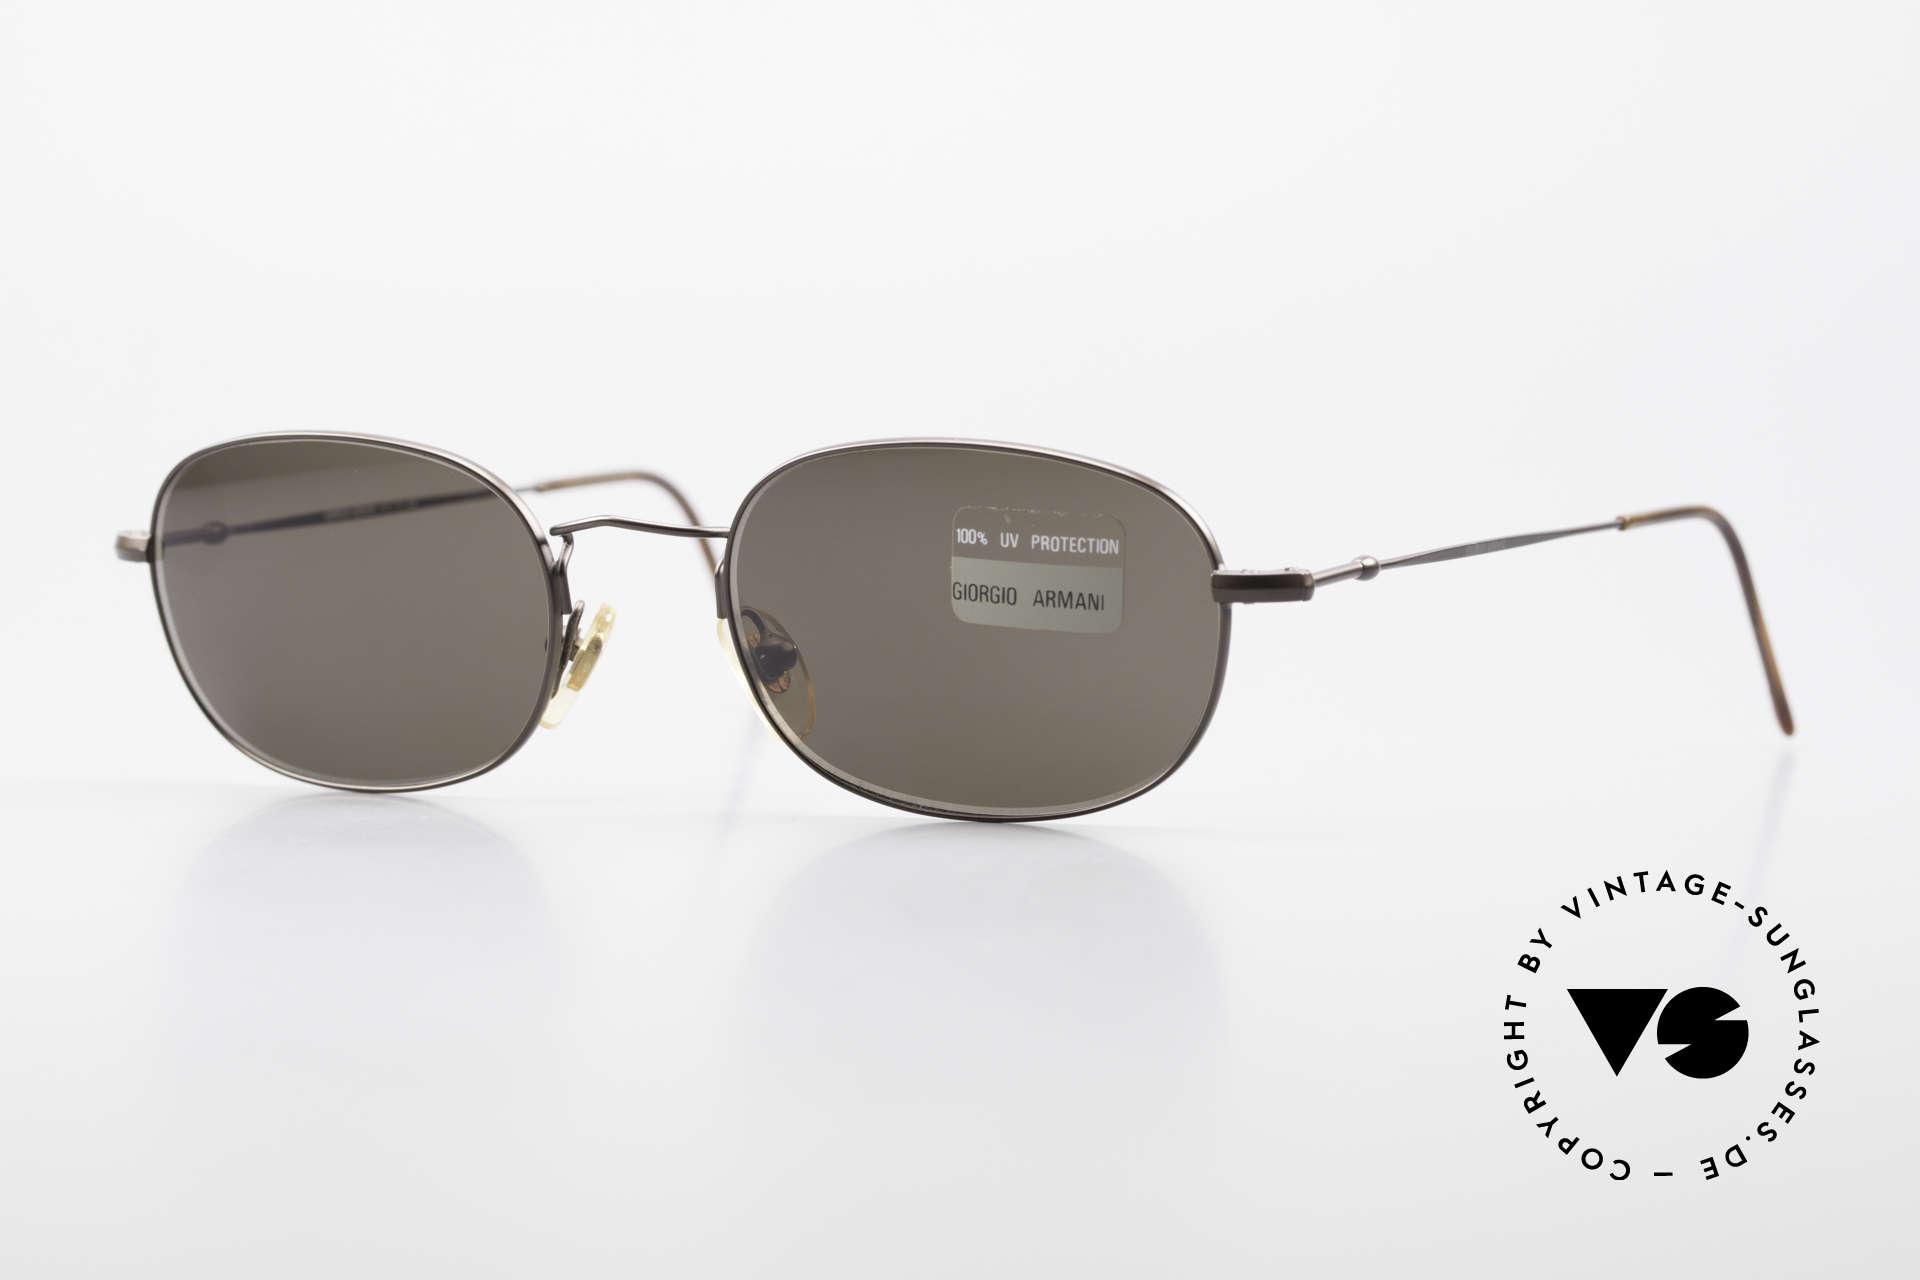 Giorgio Armani 234 Classic Designer Shades 80's, vintage designer sunglasses by GIORGIO ARMANI, Made for Men and Women